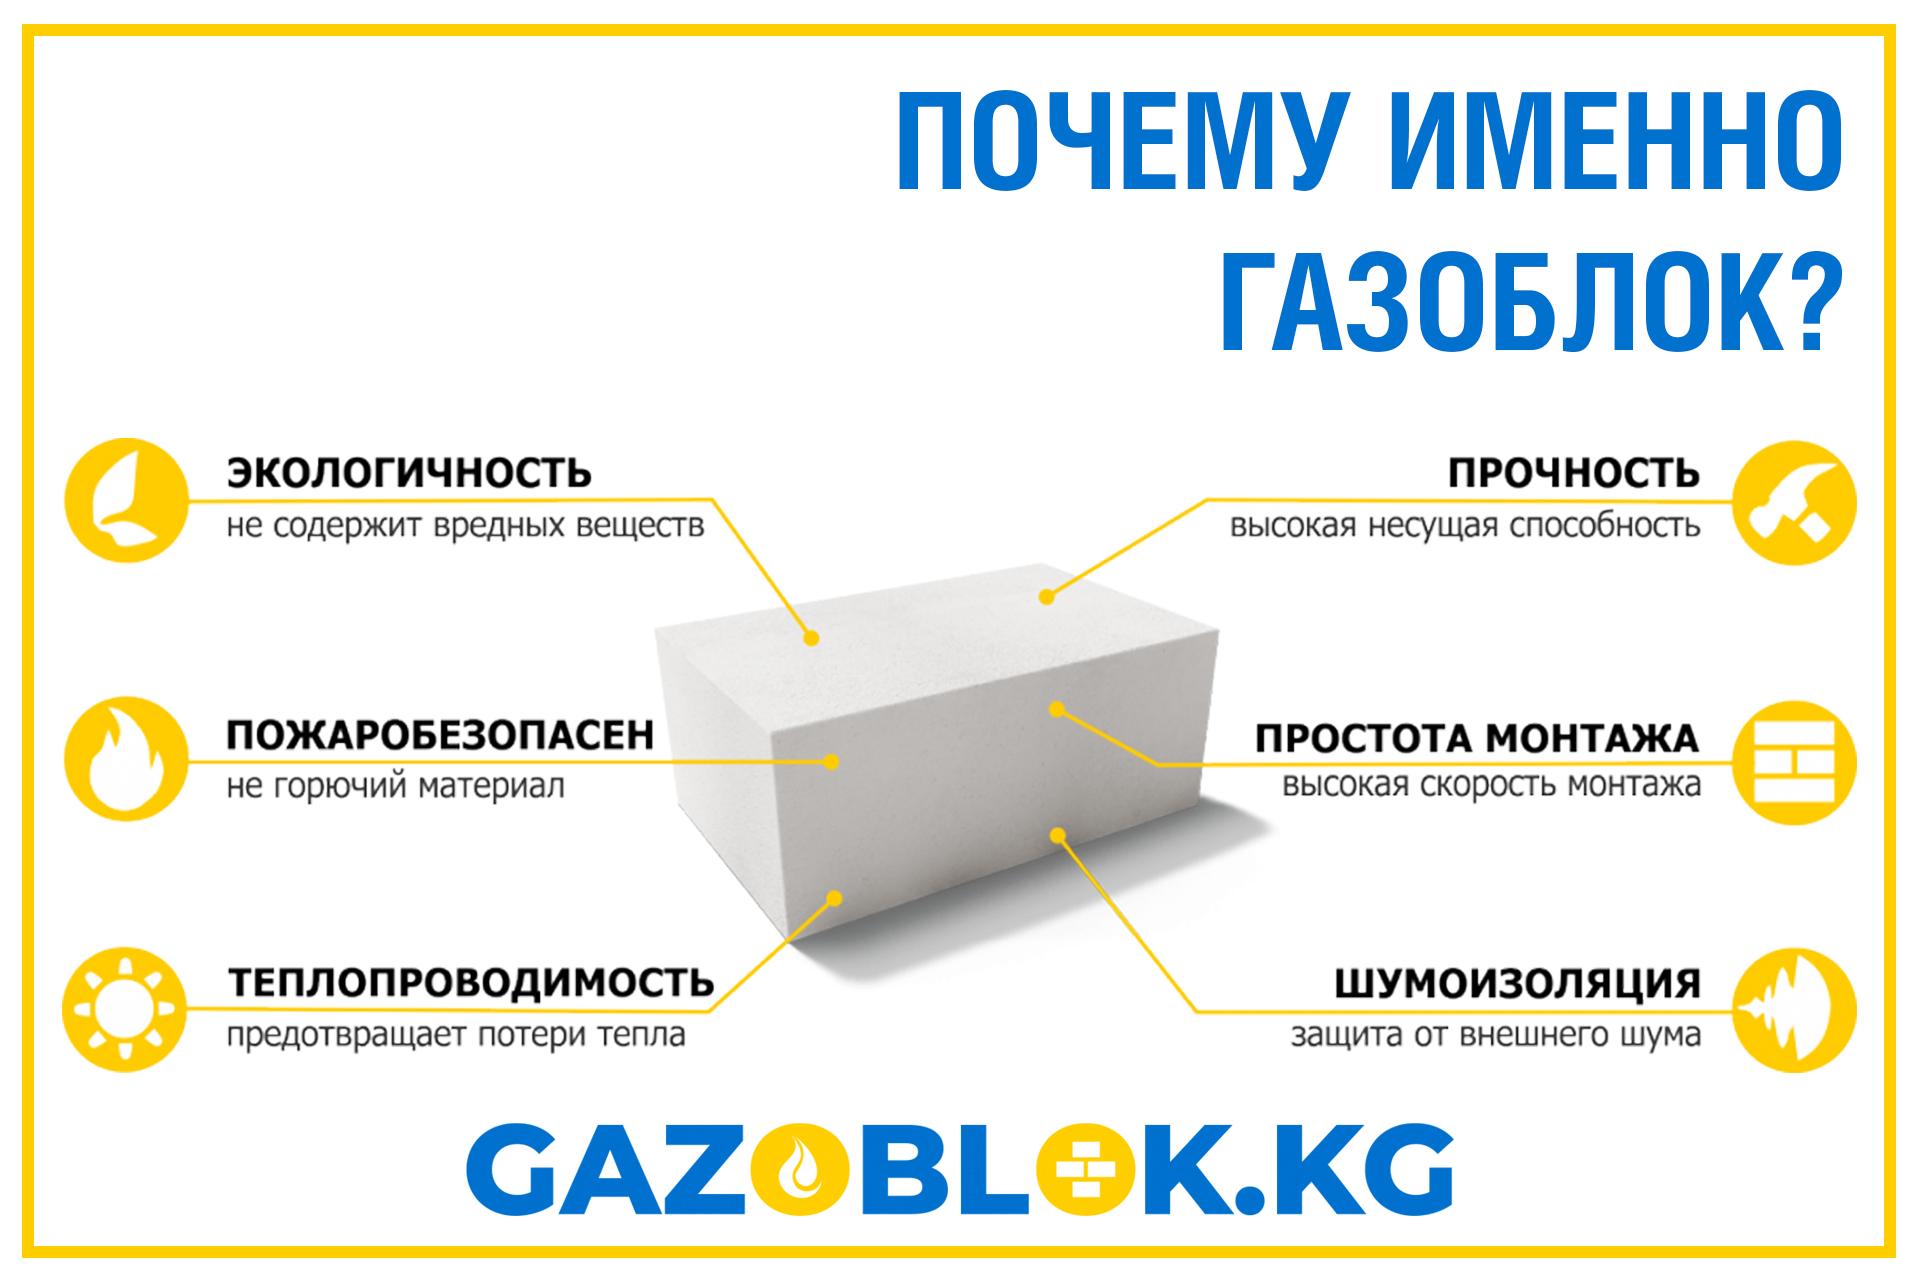 pochem_gazoblok